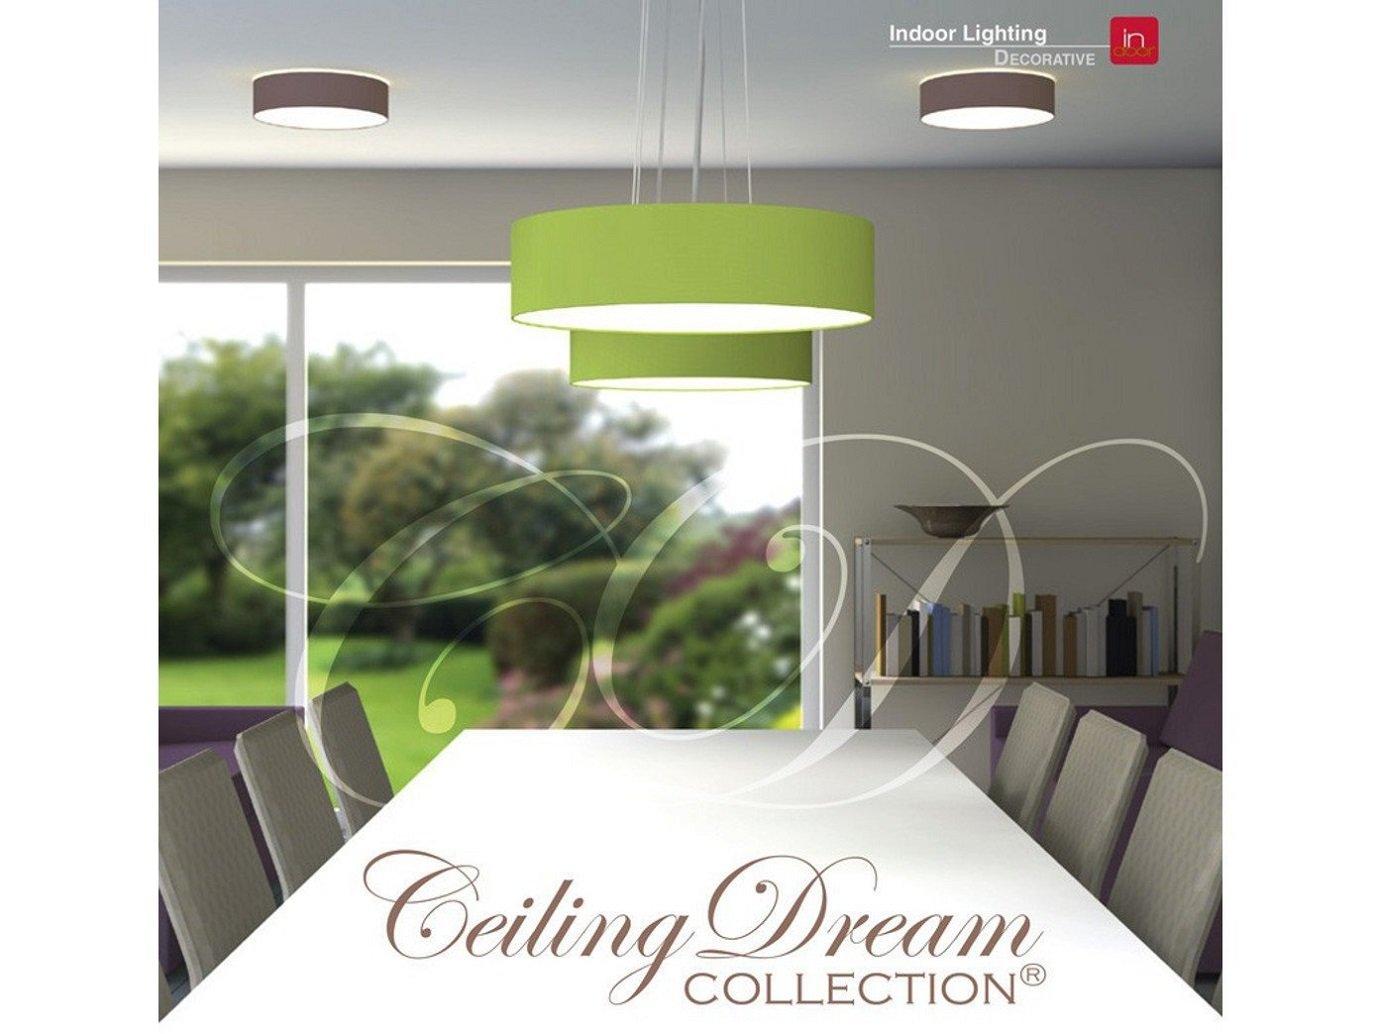 Ranex ceiling dream collection moderne deckenleuchte, durchmesser ...